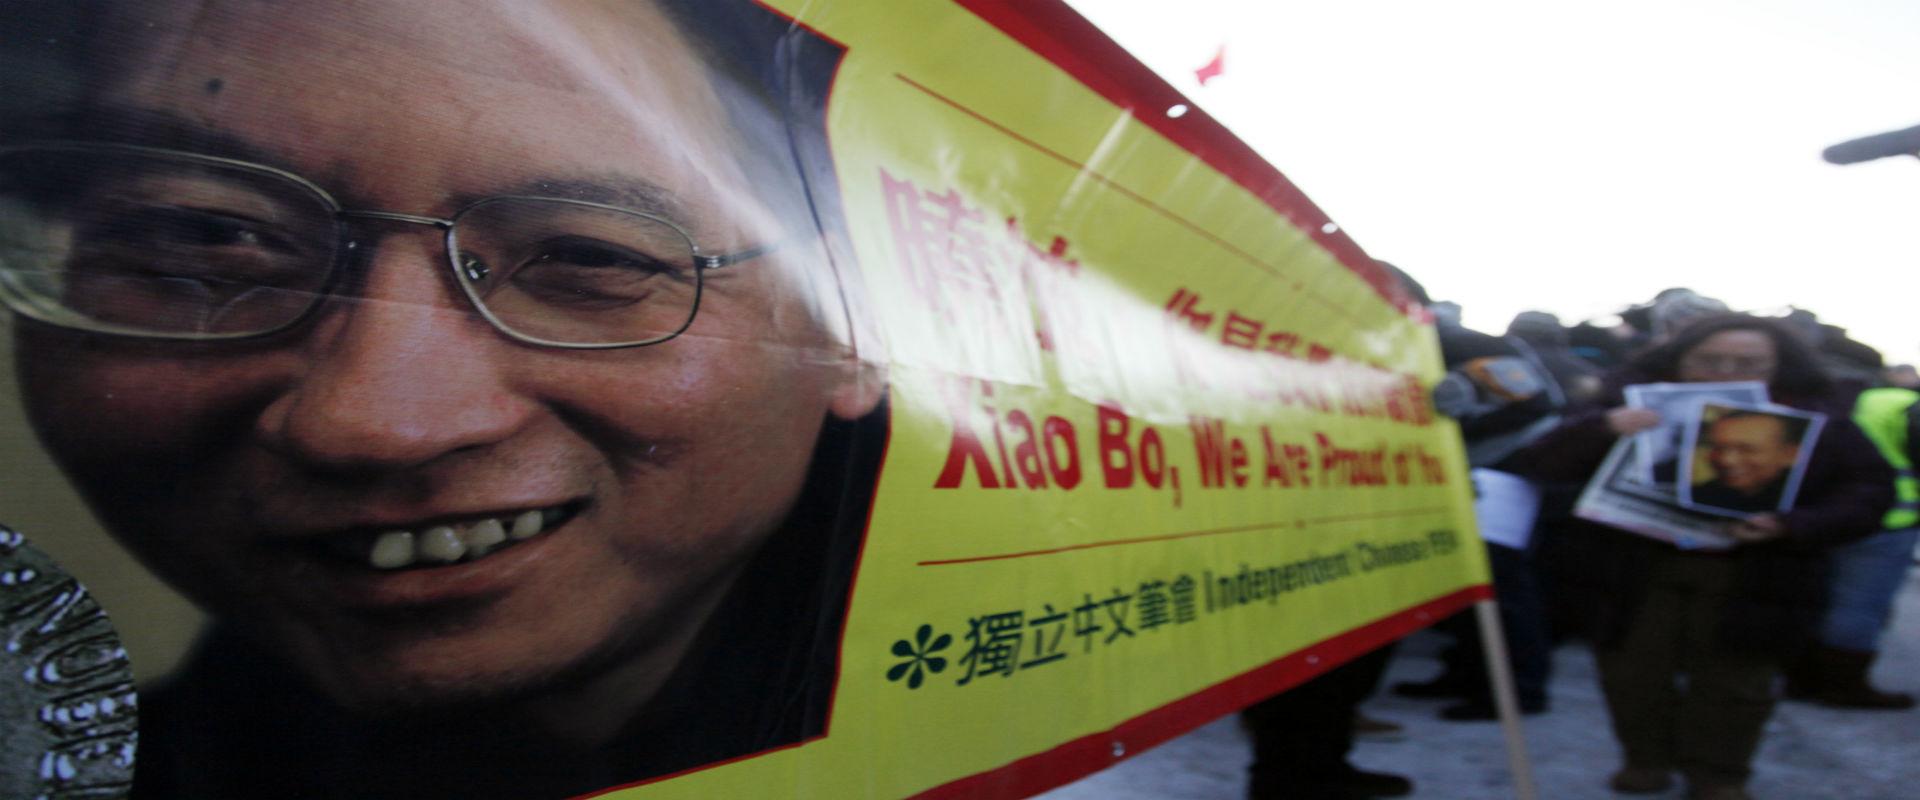 מפגינים דורשים את שחרורו של ליו שיאובו מחוץ לשגריר